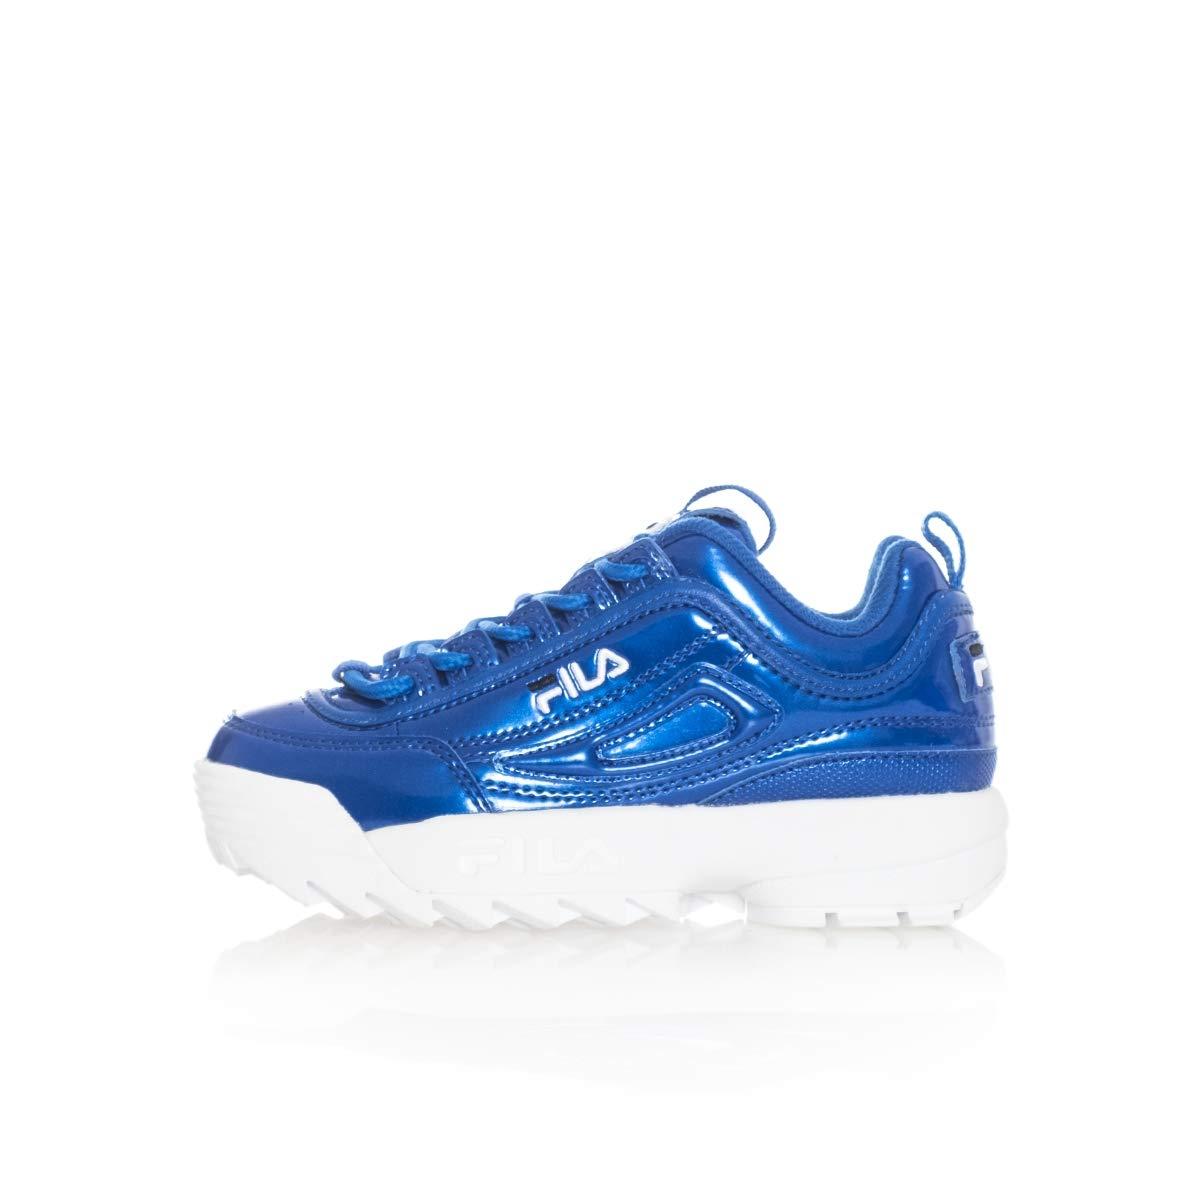 l'ultimo los angeles sito affidabile Fila Sneakers Bambino Disruptor M Kids 1010660.21C (35-21C ...